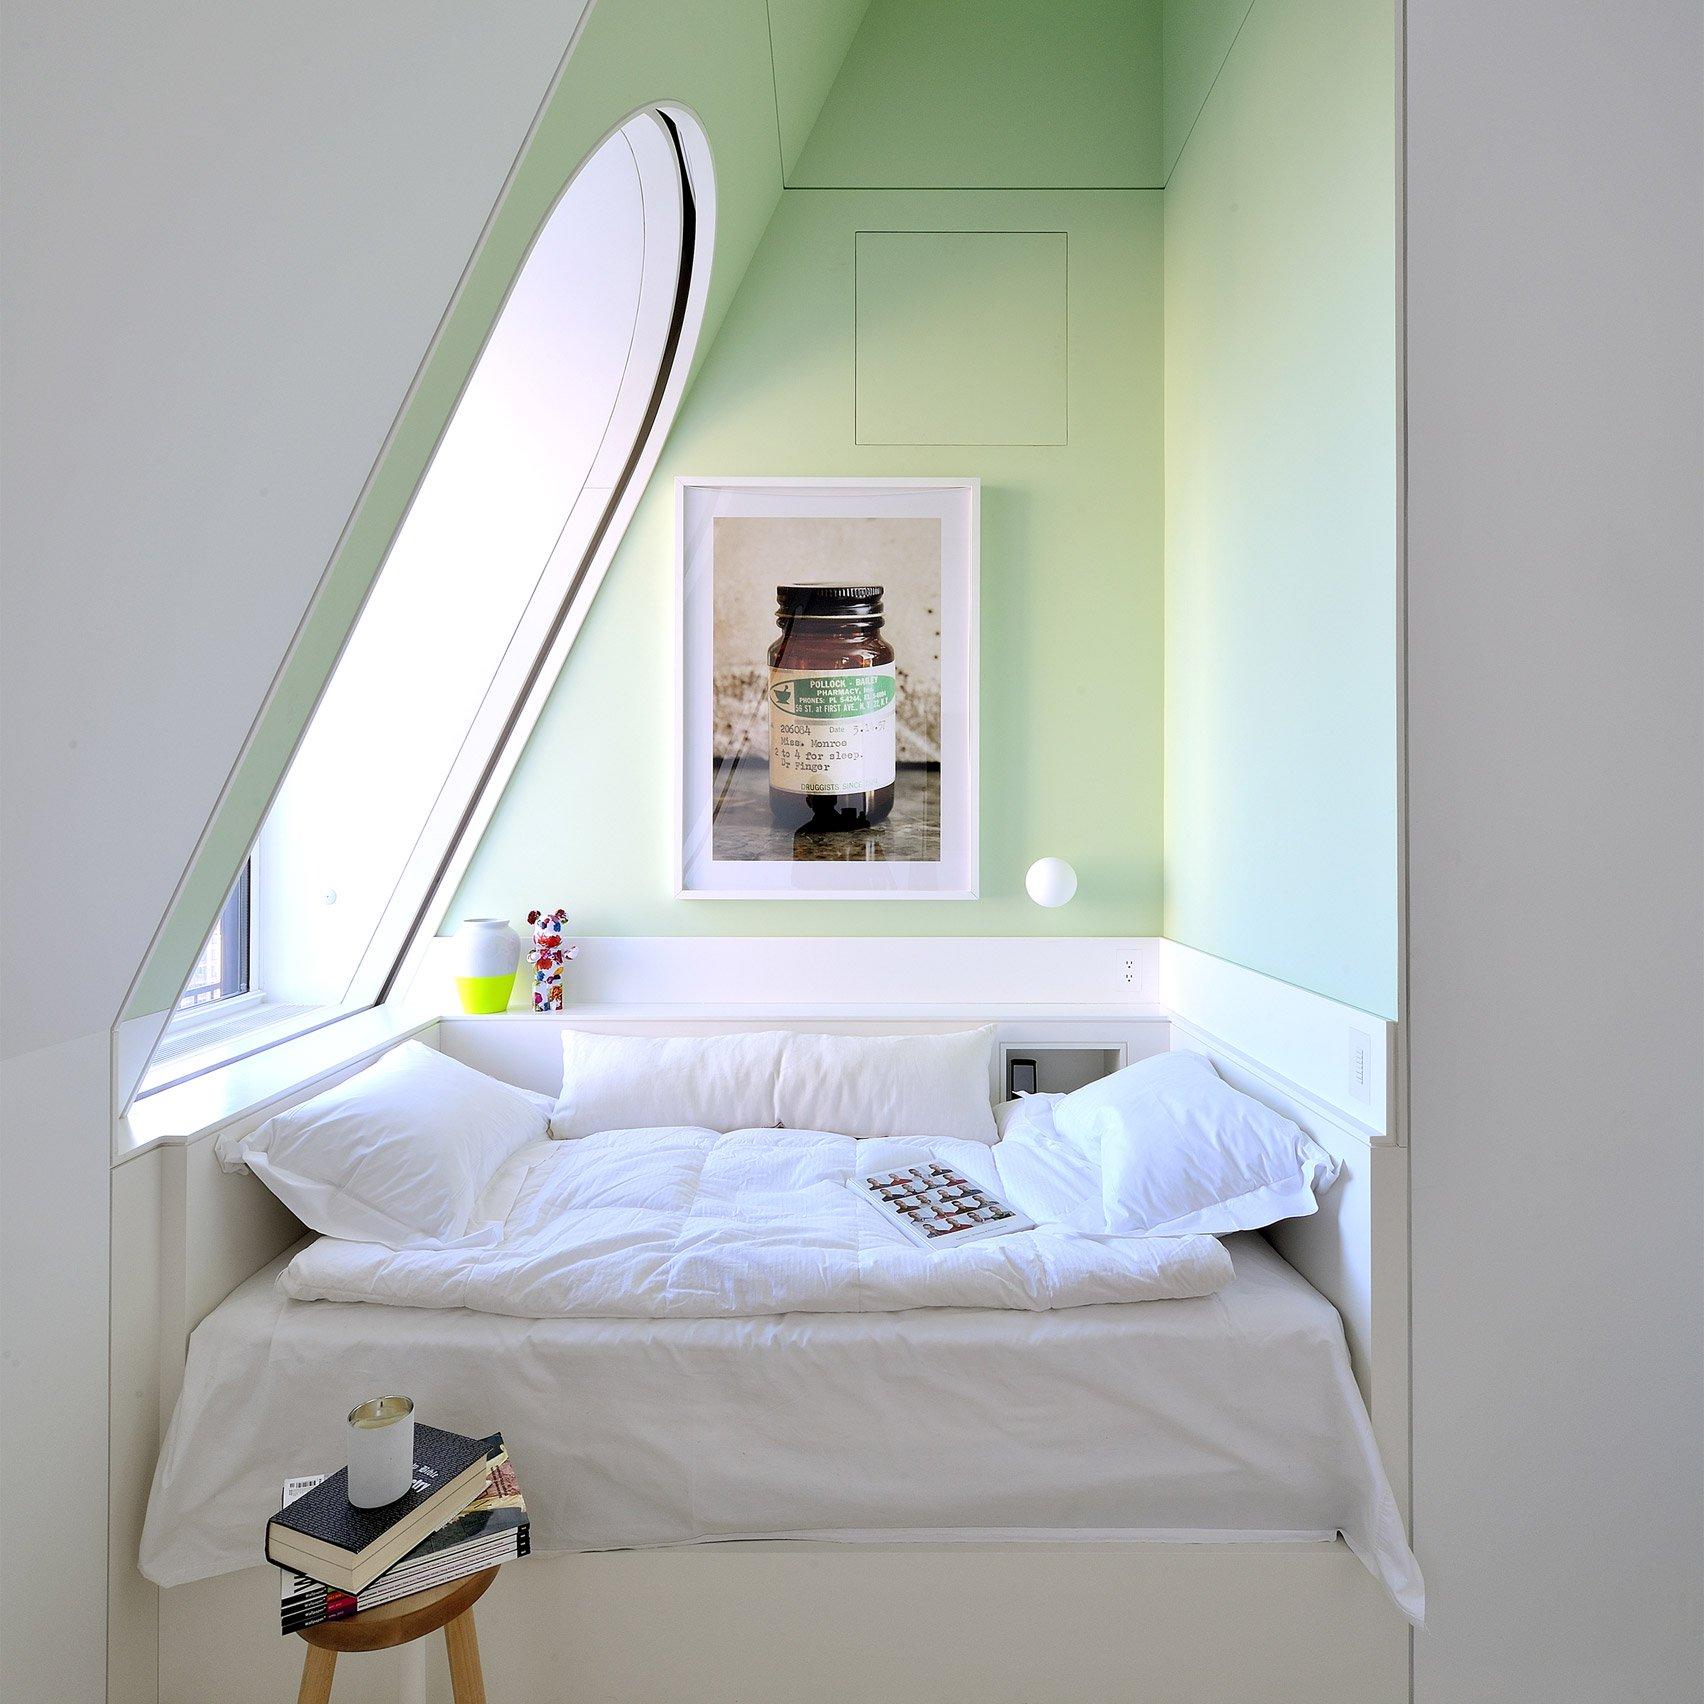 Contoh Hasil Desain Ruang Tamu Apartemen Minimalis Terbaru